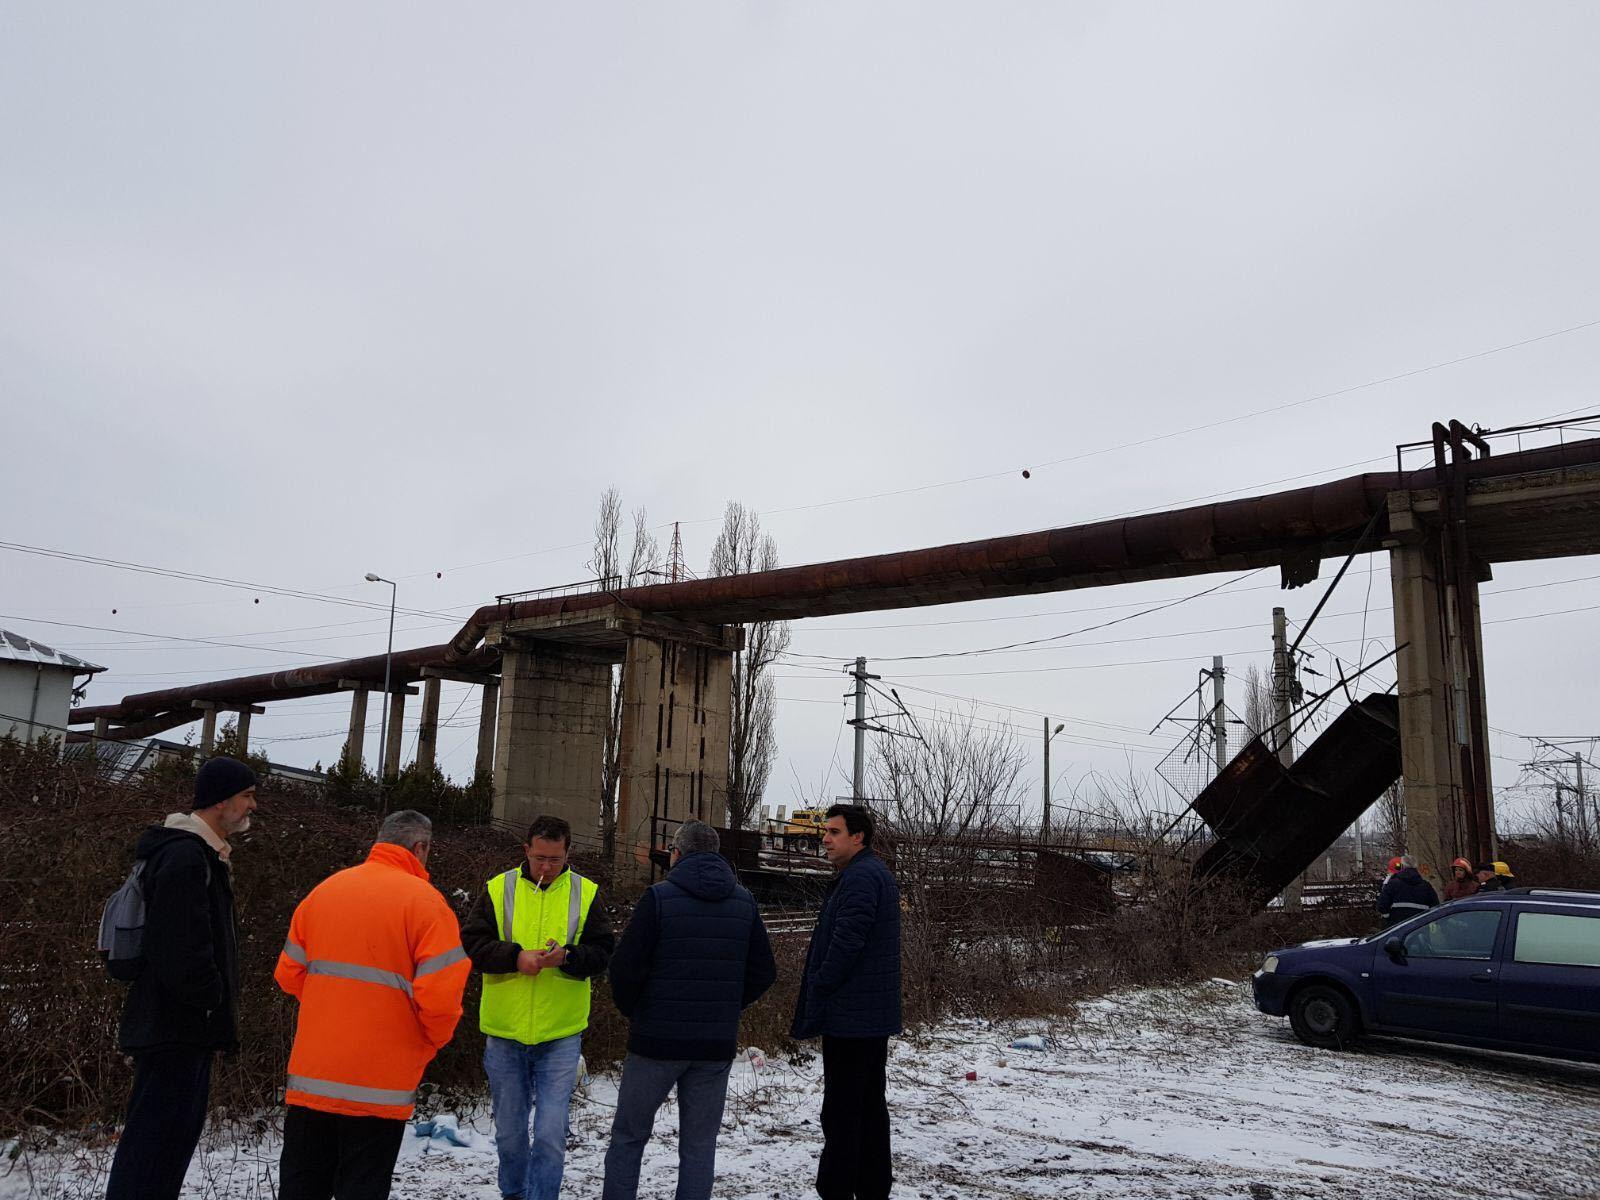 Pasarela prăbuşită la Ploieşti | Veolia Energie Prahova: Asumăm responsabilitatea, chiar dacă acest obiect nu apare în lista bunurilor concesionate/ Ministrul Transporturilor: Voi cere un inventar asupra punctelor de risc